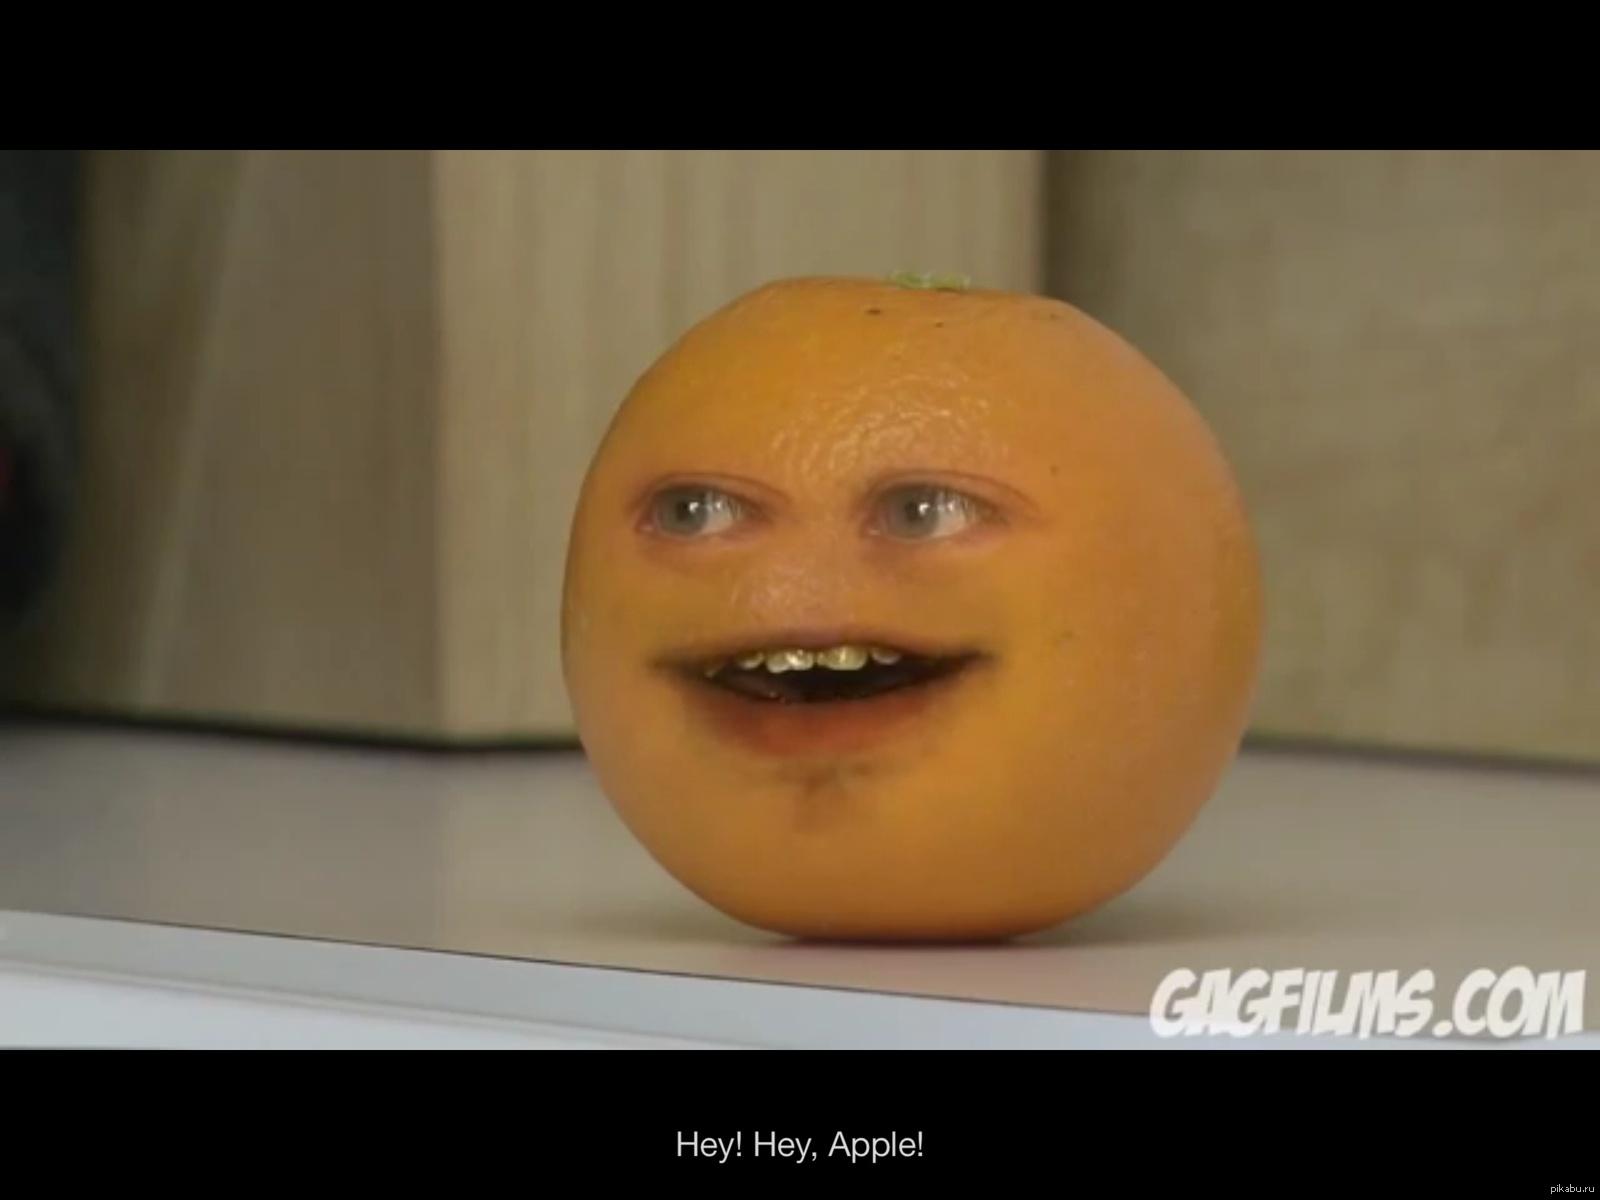 Яблоко в попу смотреть онлайн 9 фотография